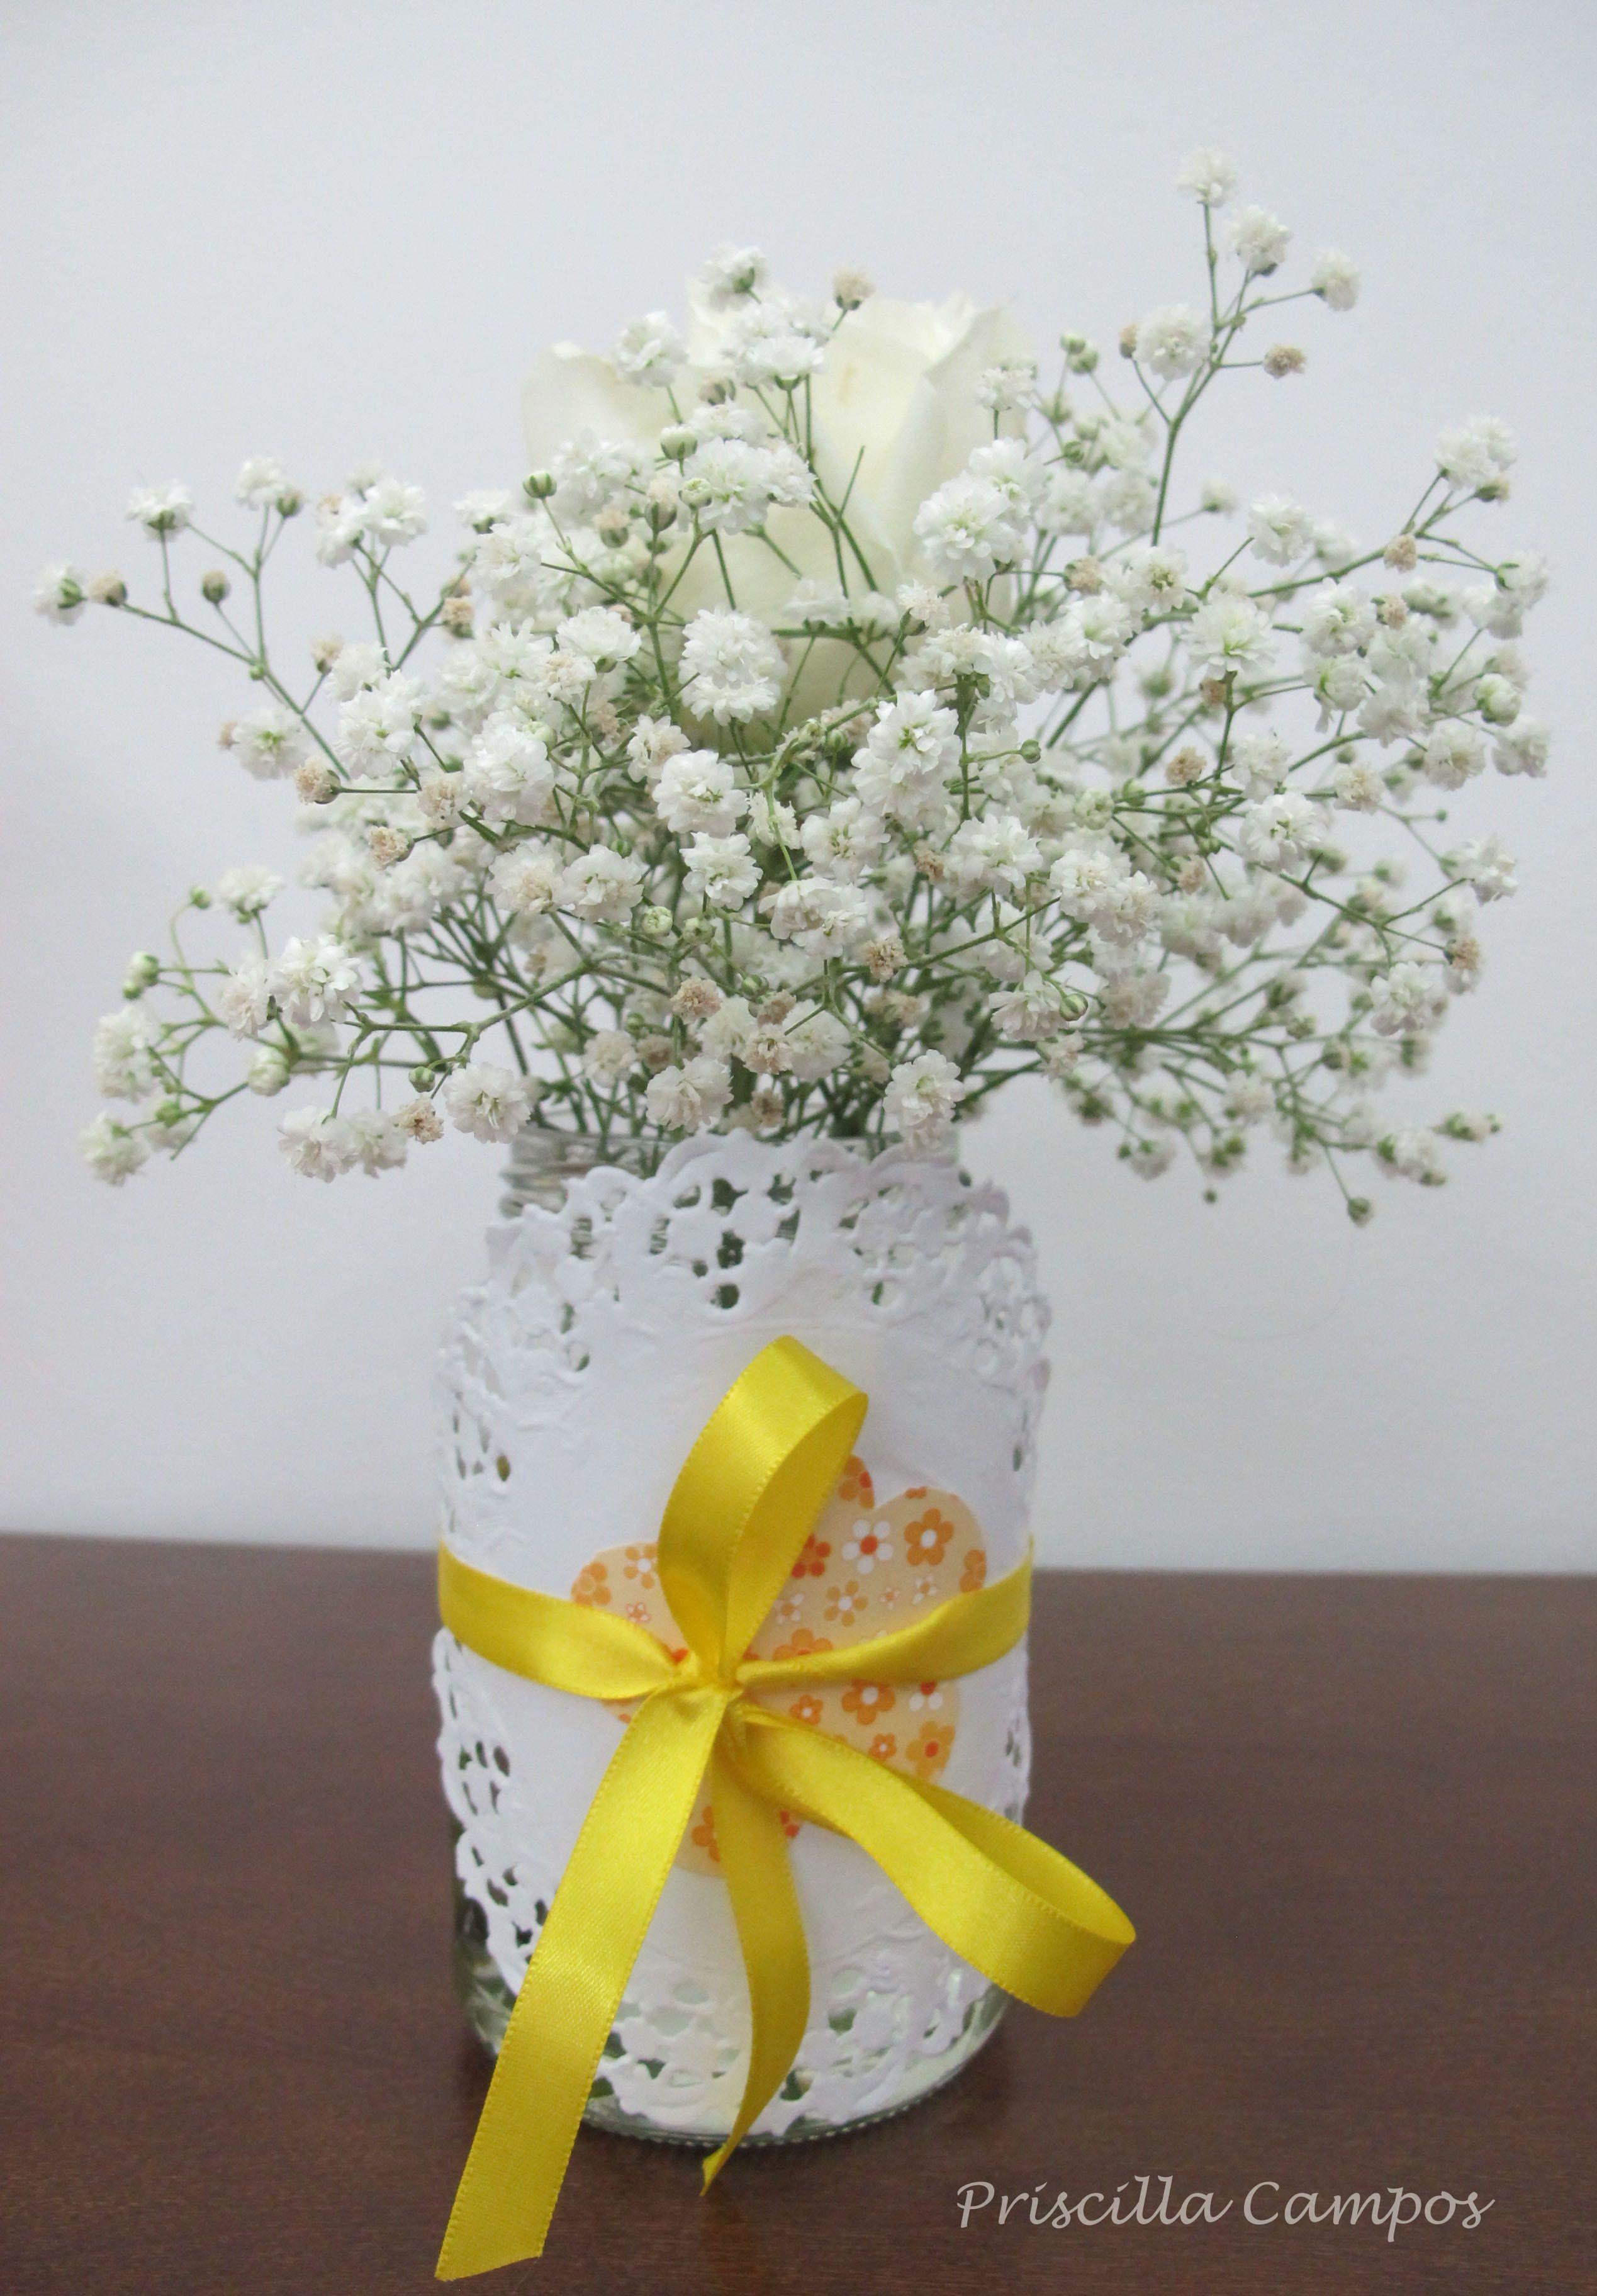 Pin de Priscilla Campos em Arranjos Florais Centro de mesa batizado, Decoraç u00e3o mesa casamento  -> Decoracao Centro De Mesa Batizado